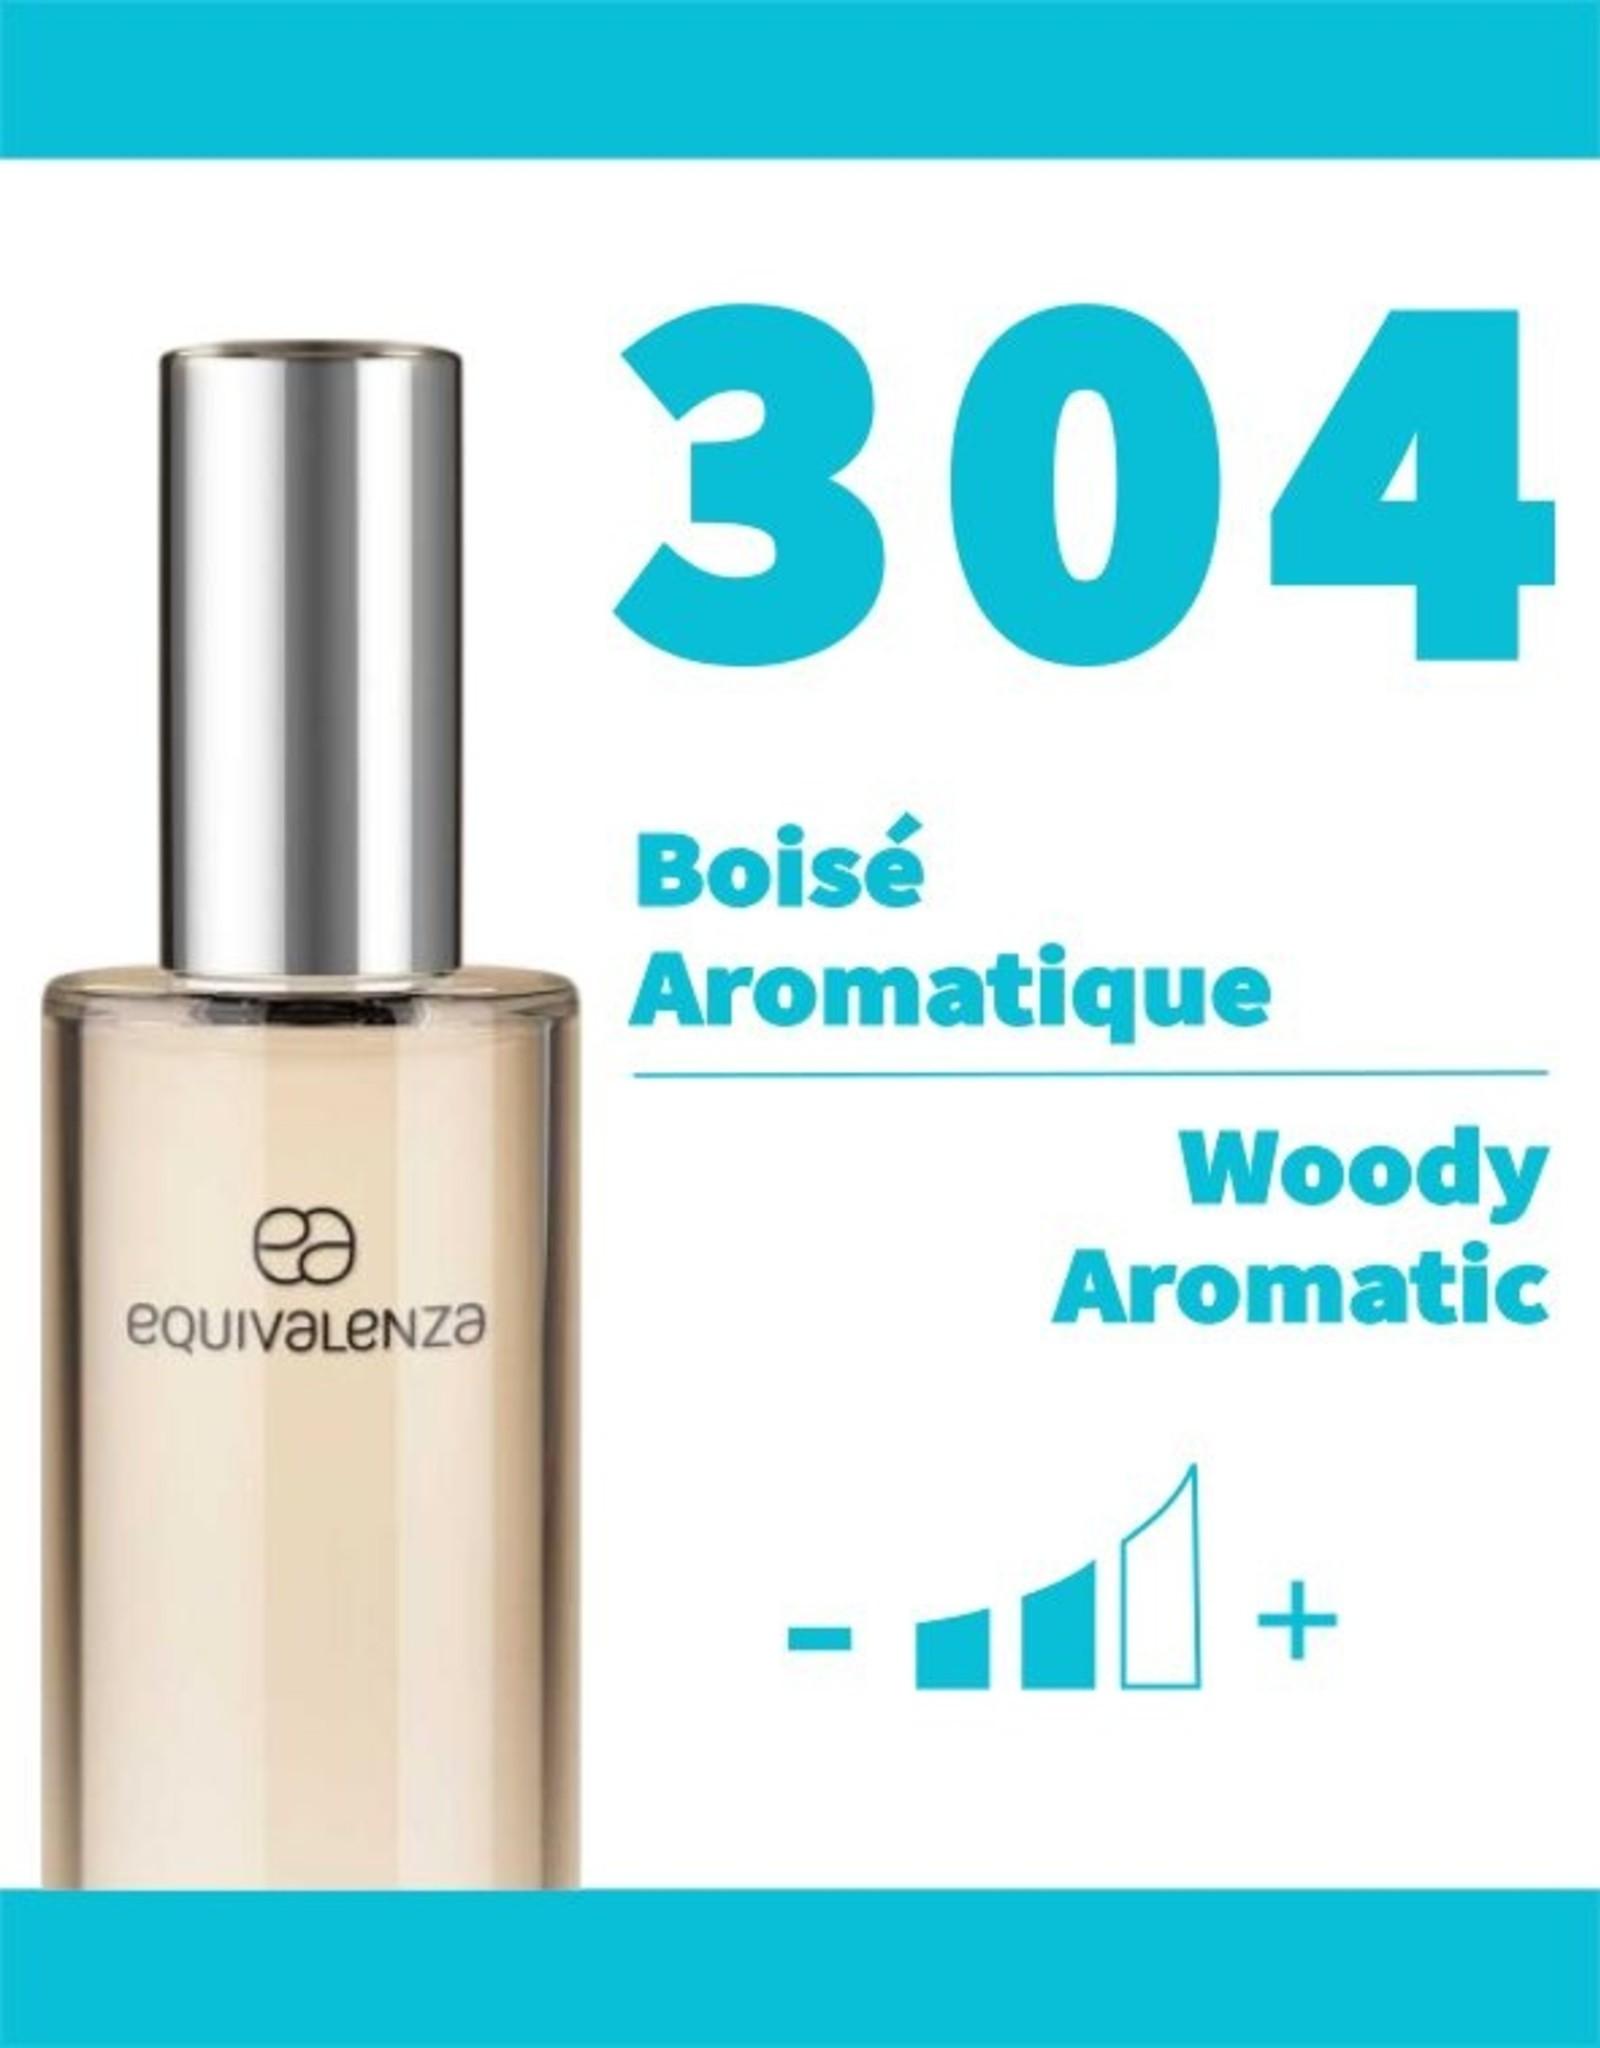 Equivalenza Boisé Aromatique 304